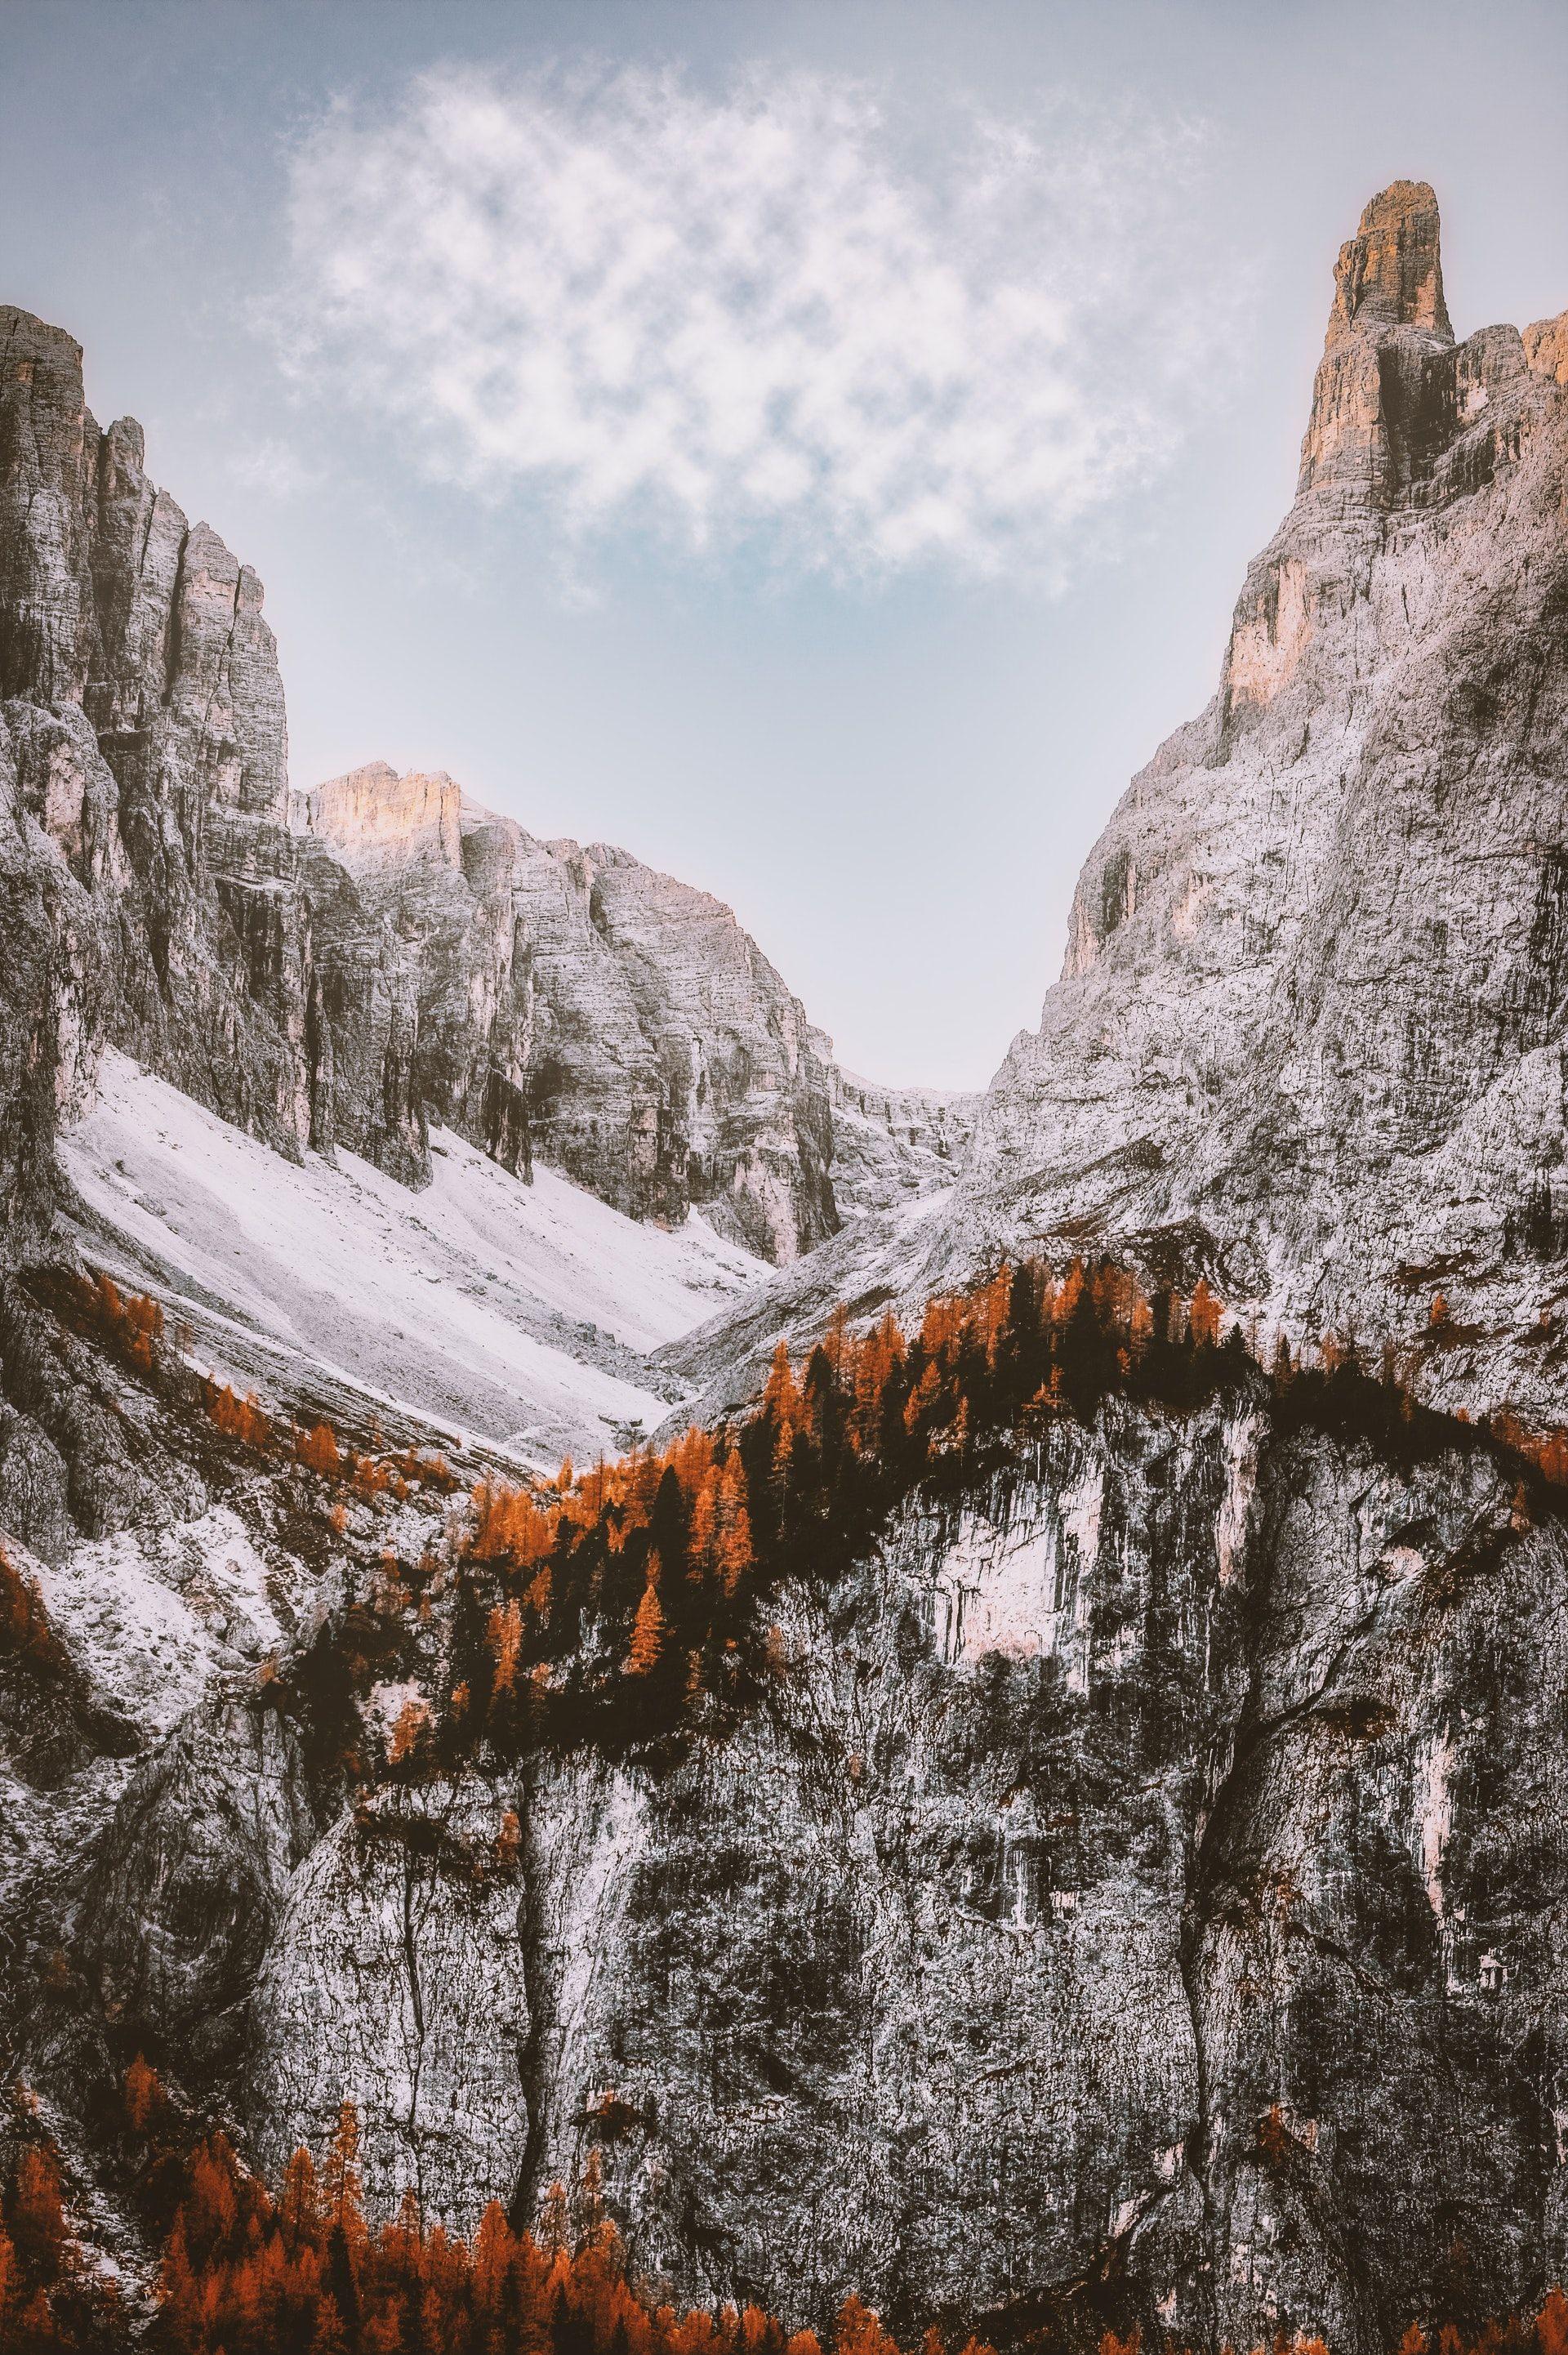 عکس زمینه رشته کوه های زمستانی پس زمینه